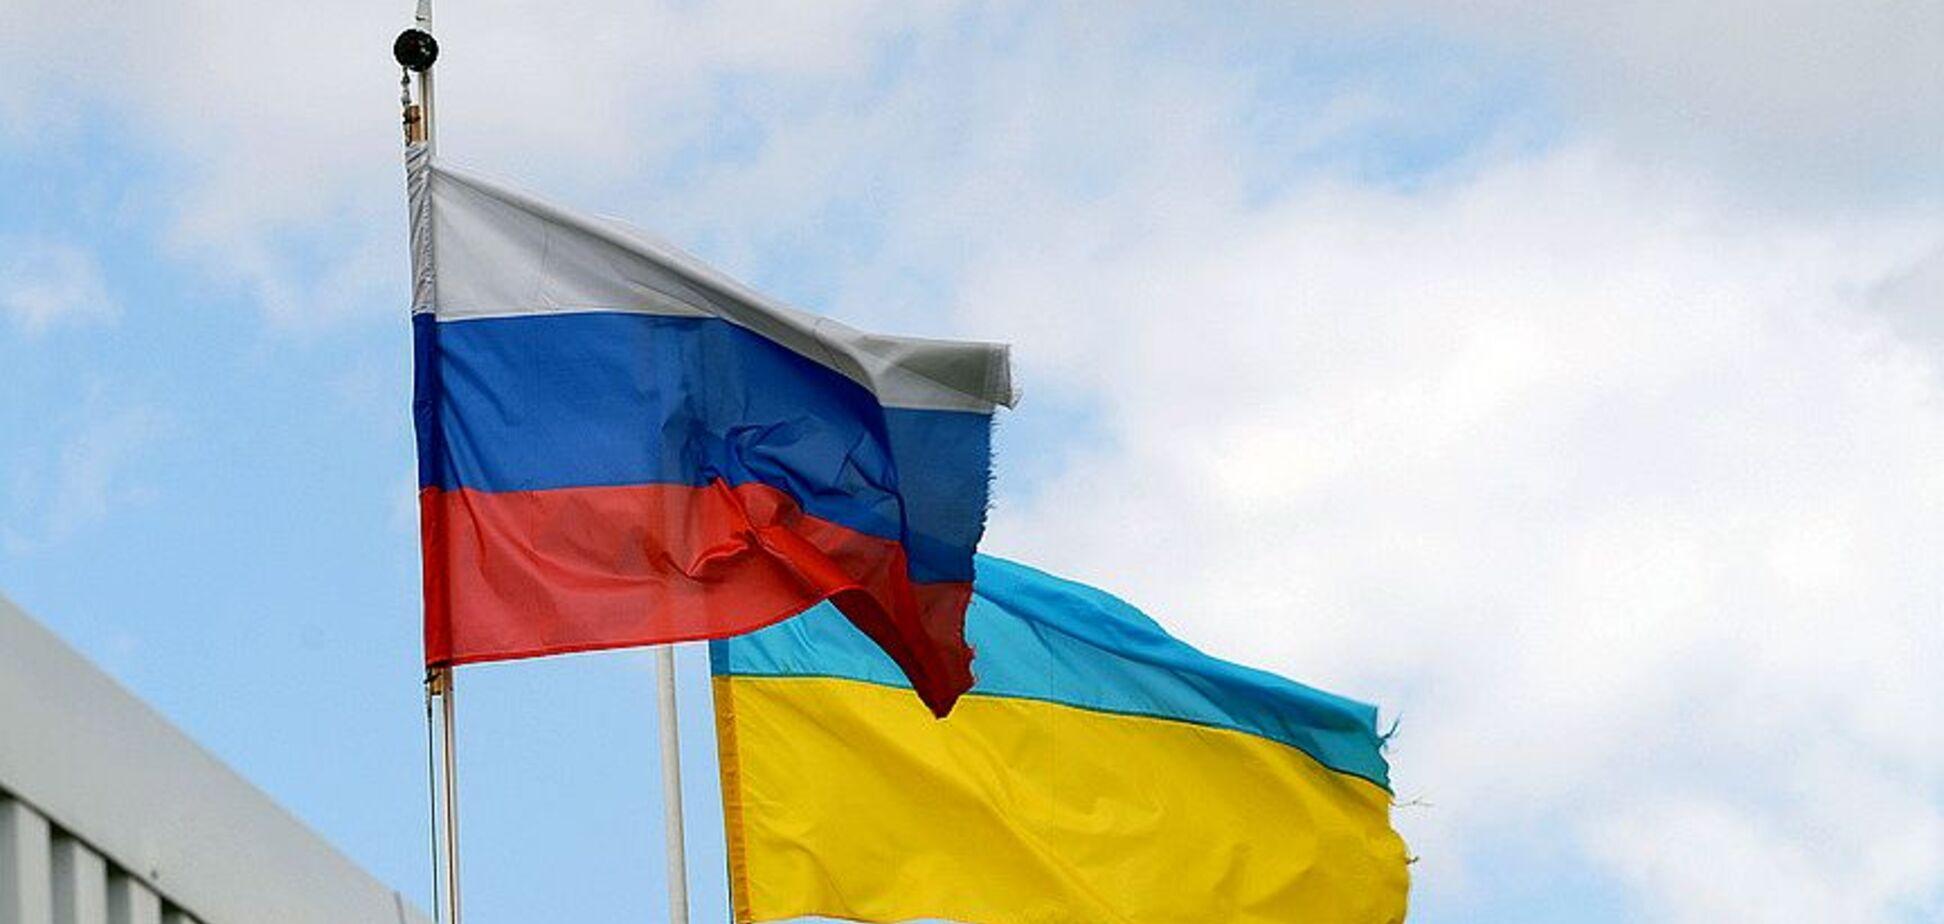 Россия делает кризис: 'Нафтогаз' рассказал о шантаже со стороны 'Газпрома'